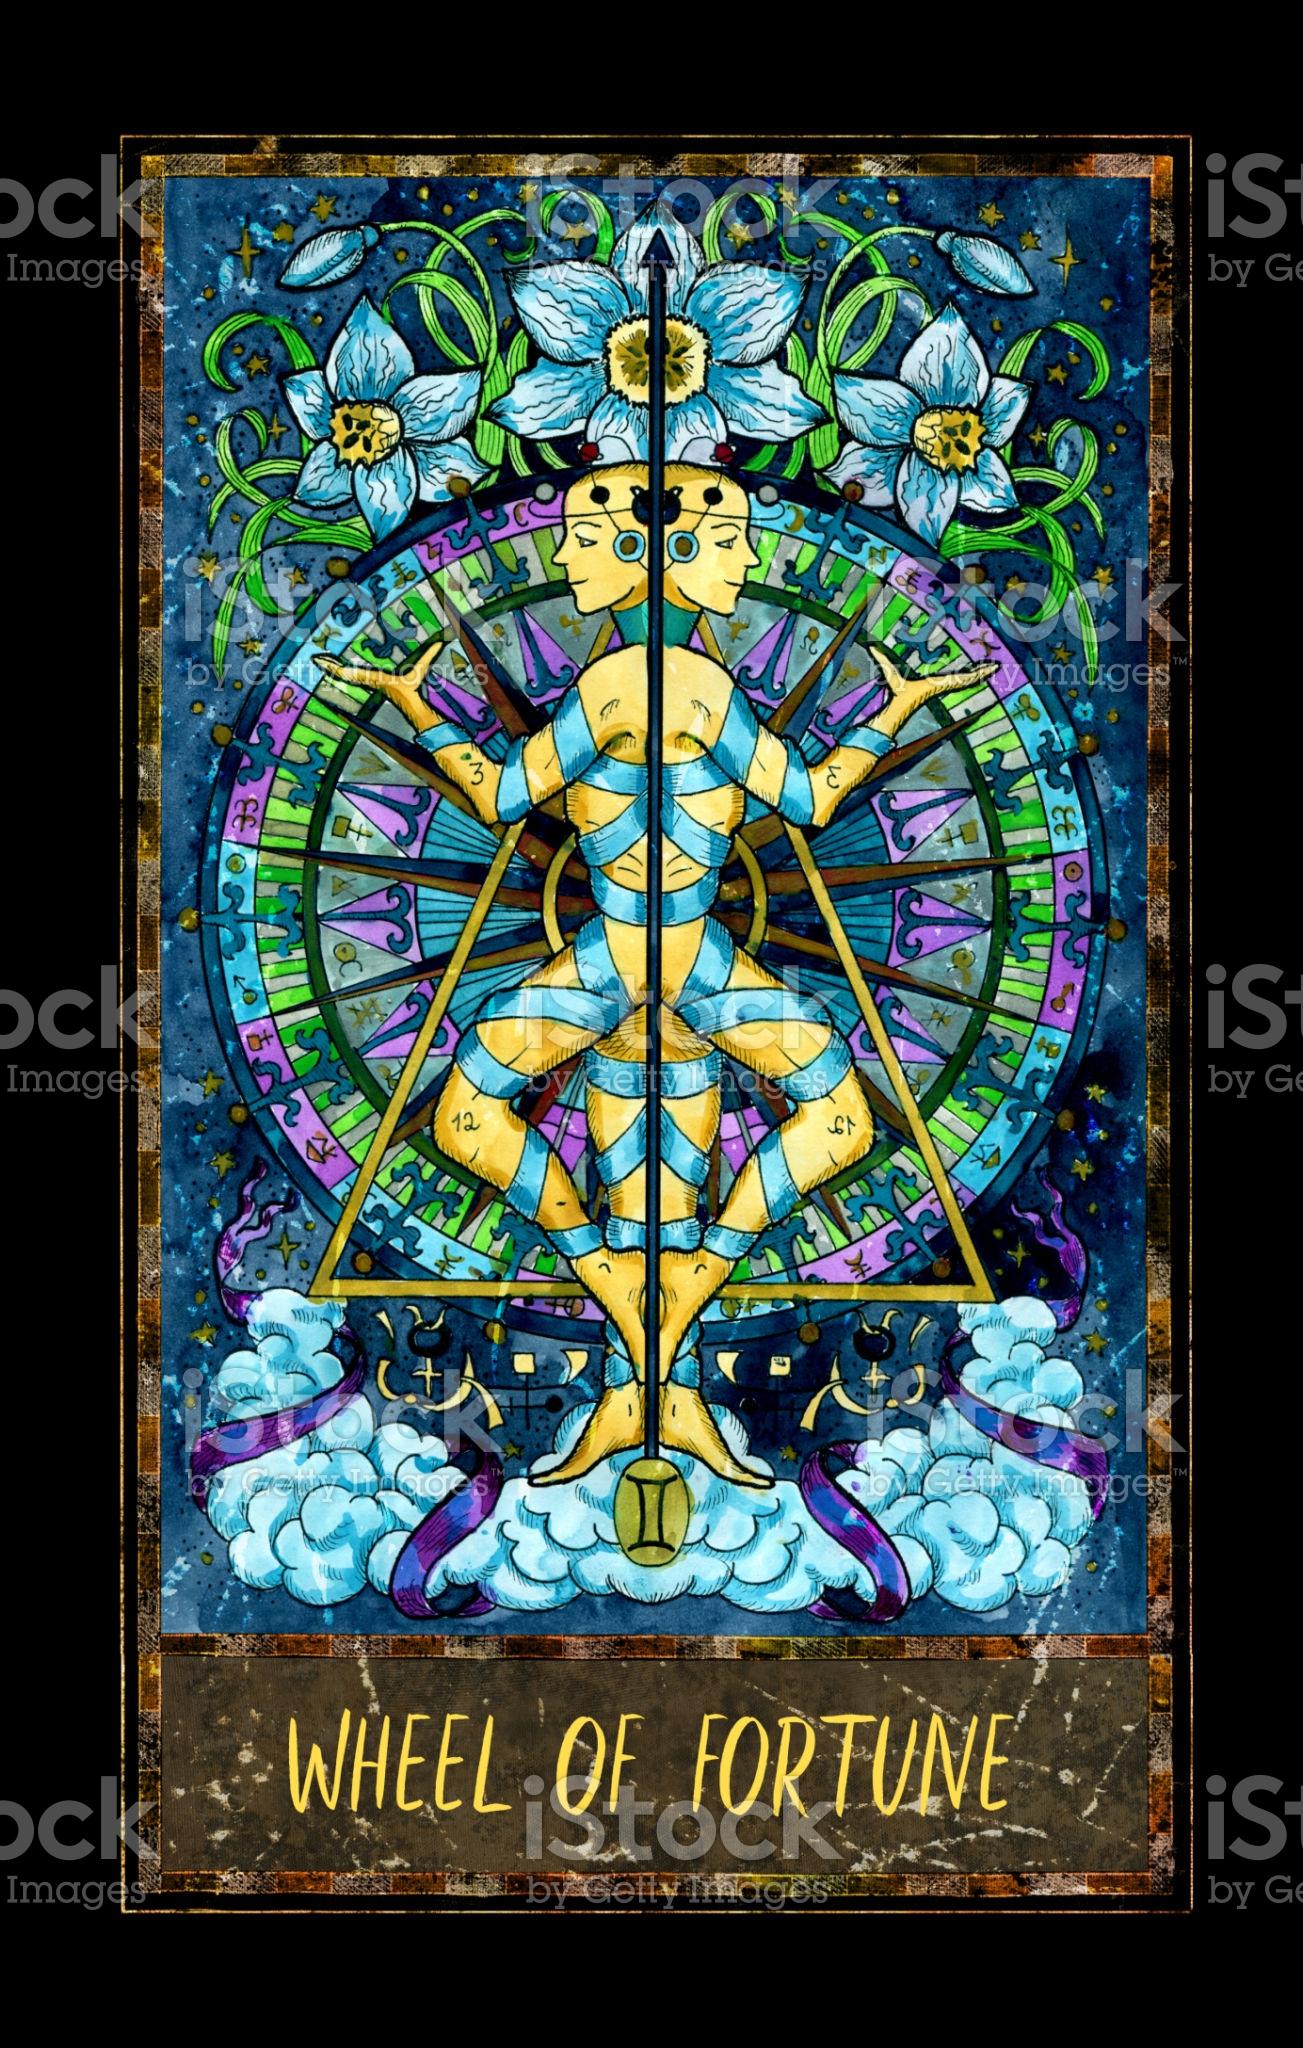 TAROT DIVINATOIRE: Quelle est la signification de la carte de tarot de la roue de la fortune? post thumbnail image